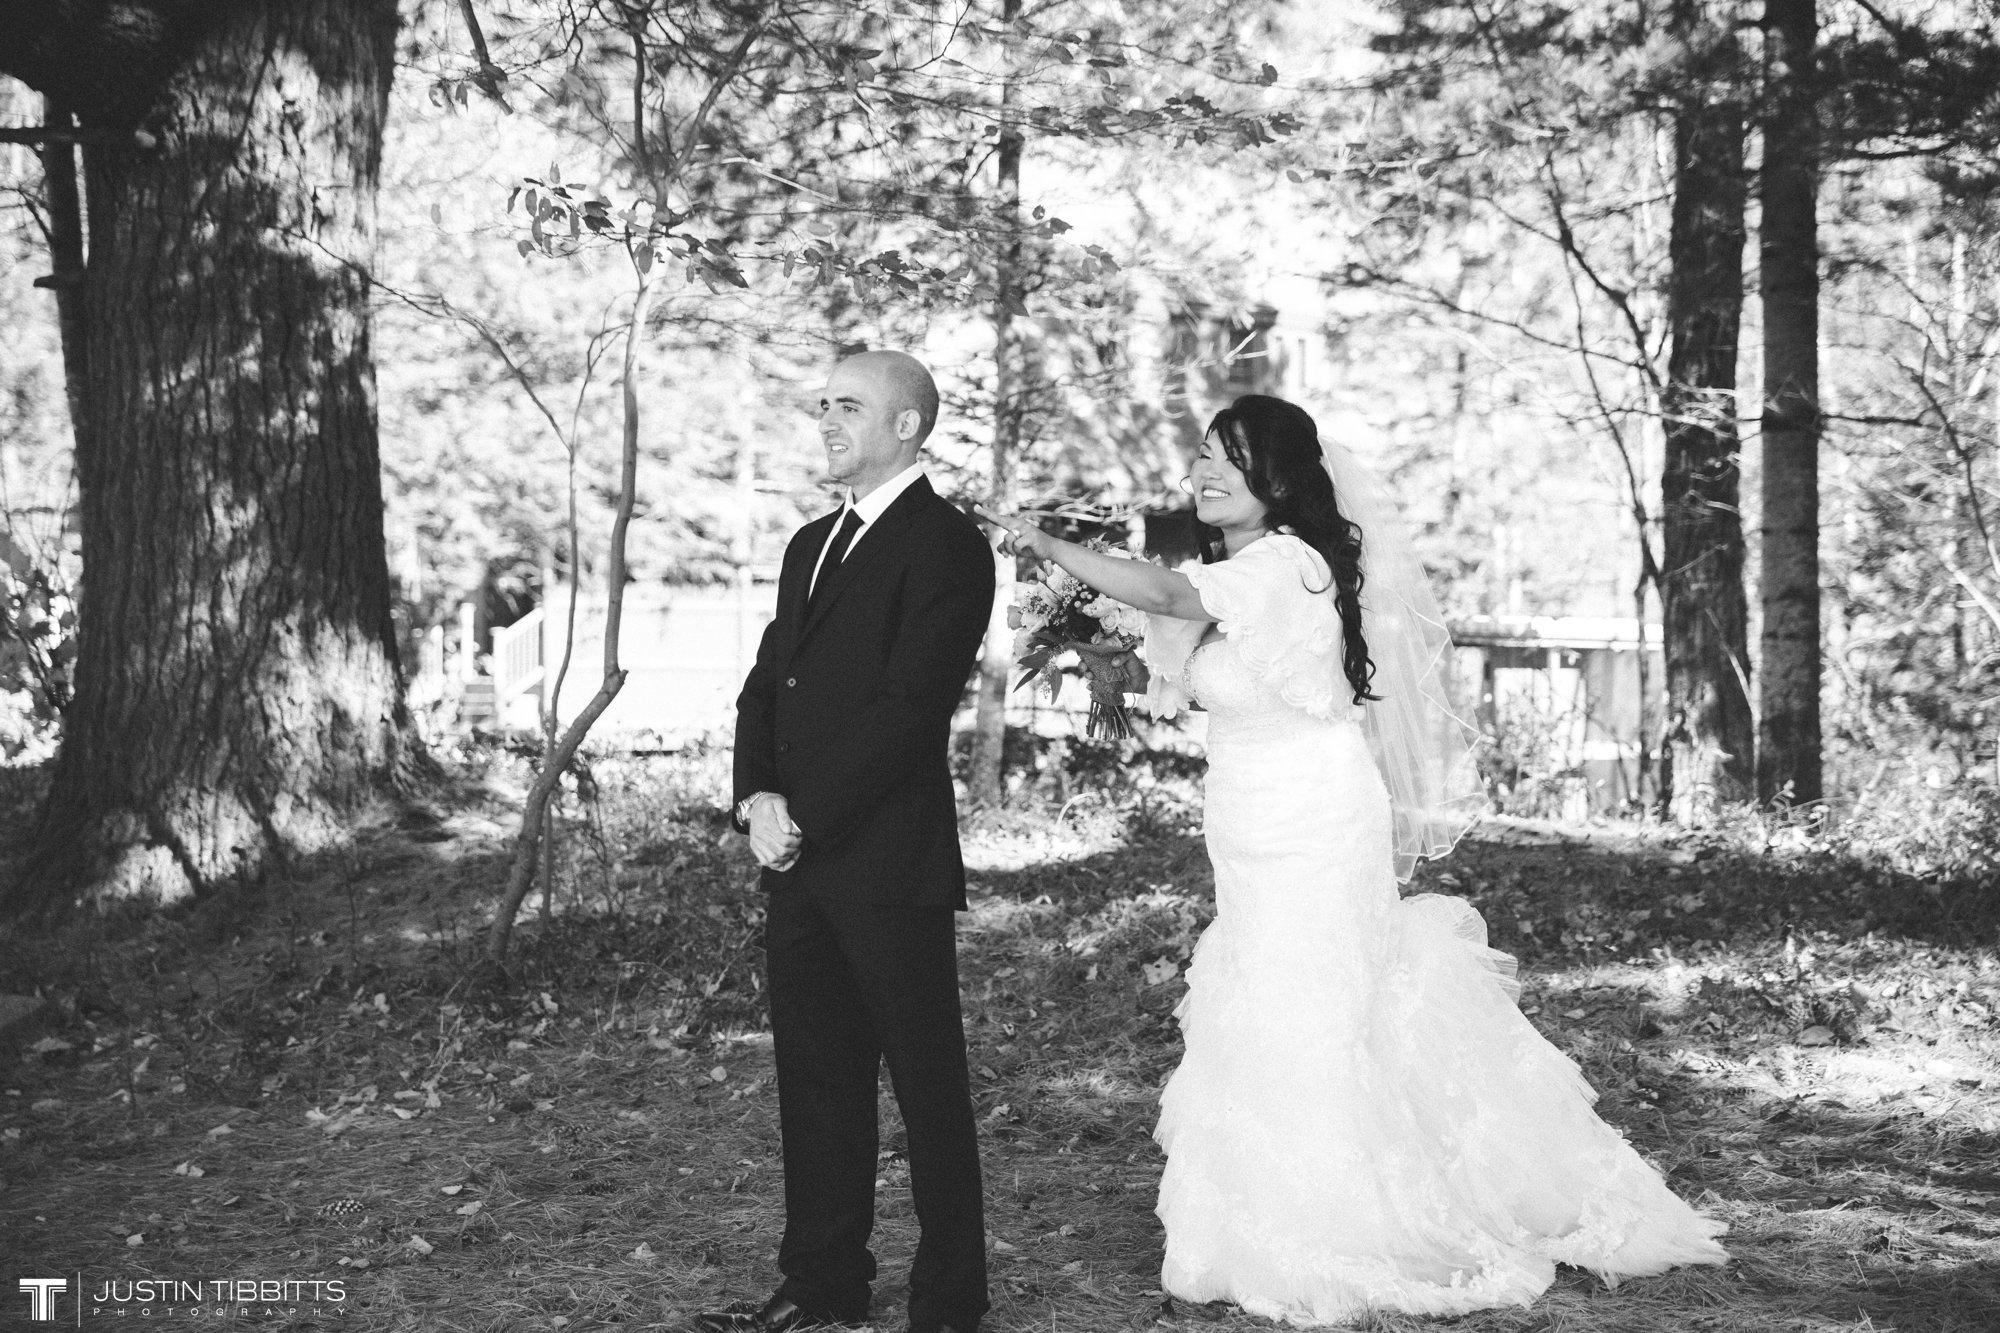 Albany NY Wedding Photographer Justin Tibbitts Photography 2014 Best of Albany NY Weddings-32410250